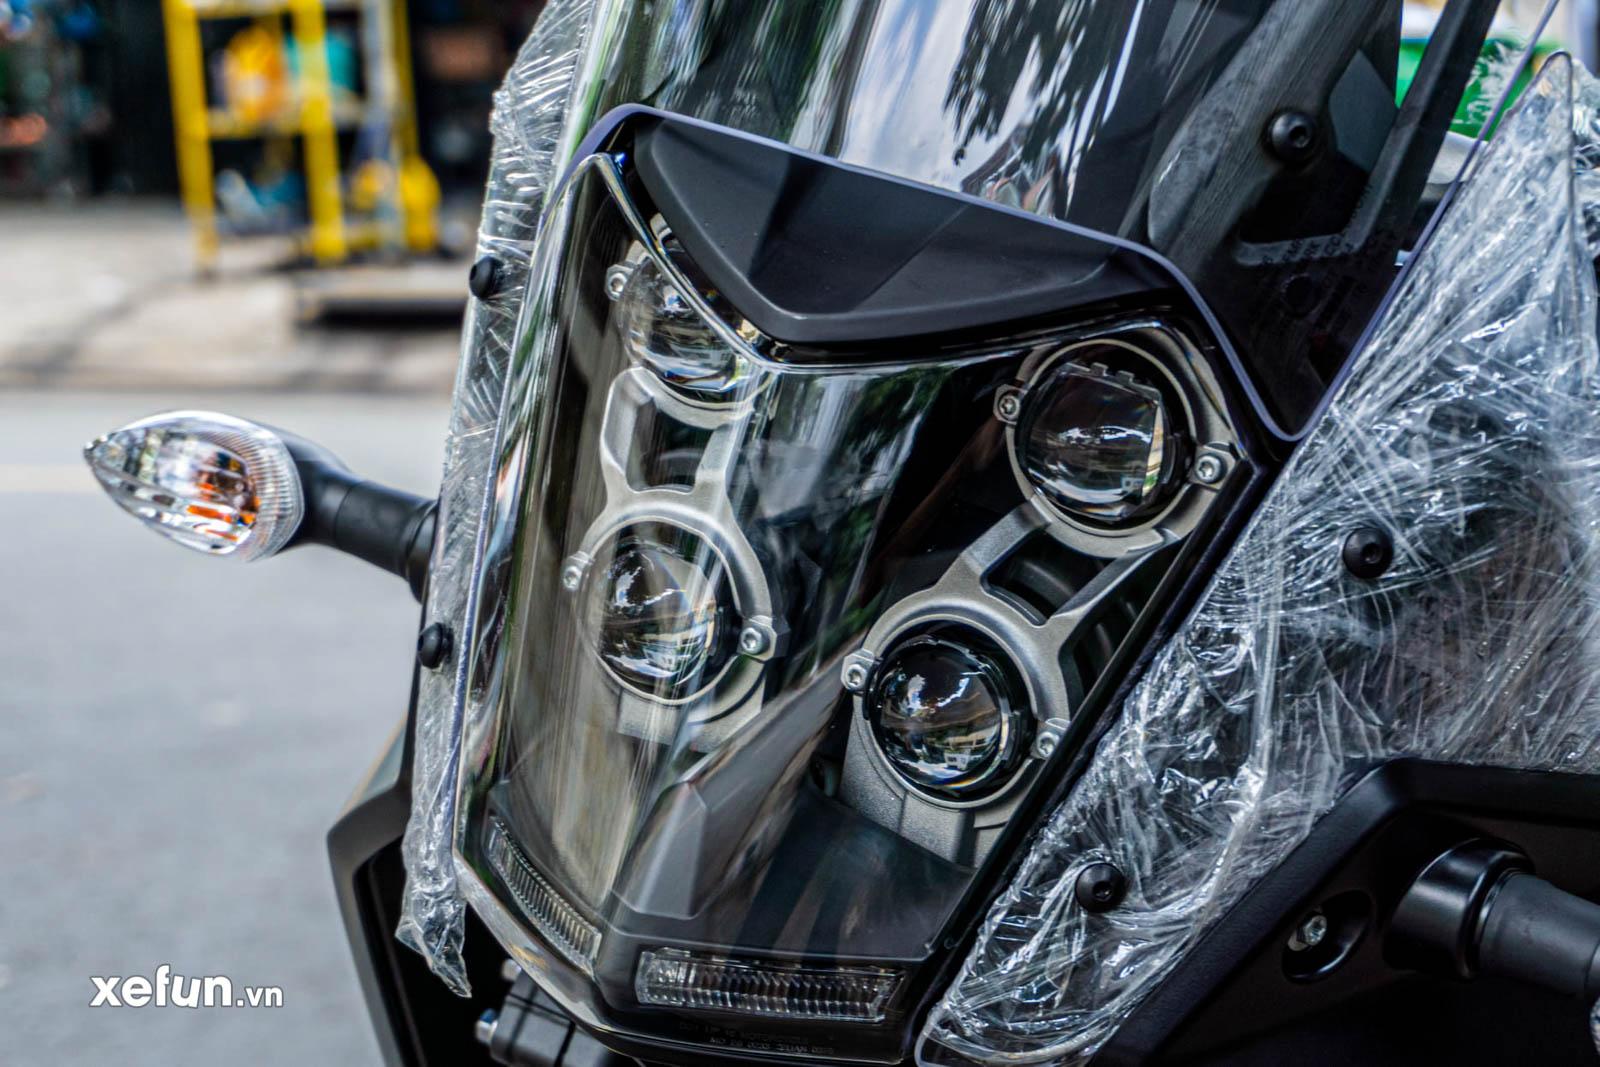 Giá bán Yamaha Tenere 700 2021 kèm thông số Việt Nam trên Xefun - 345y65